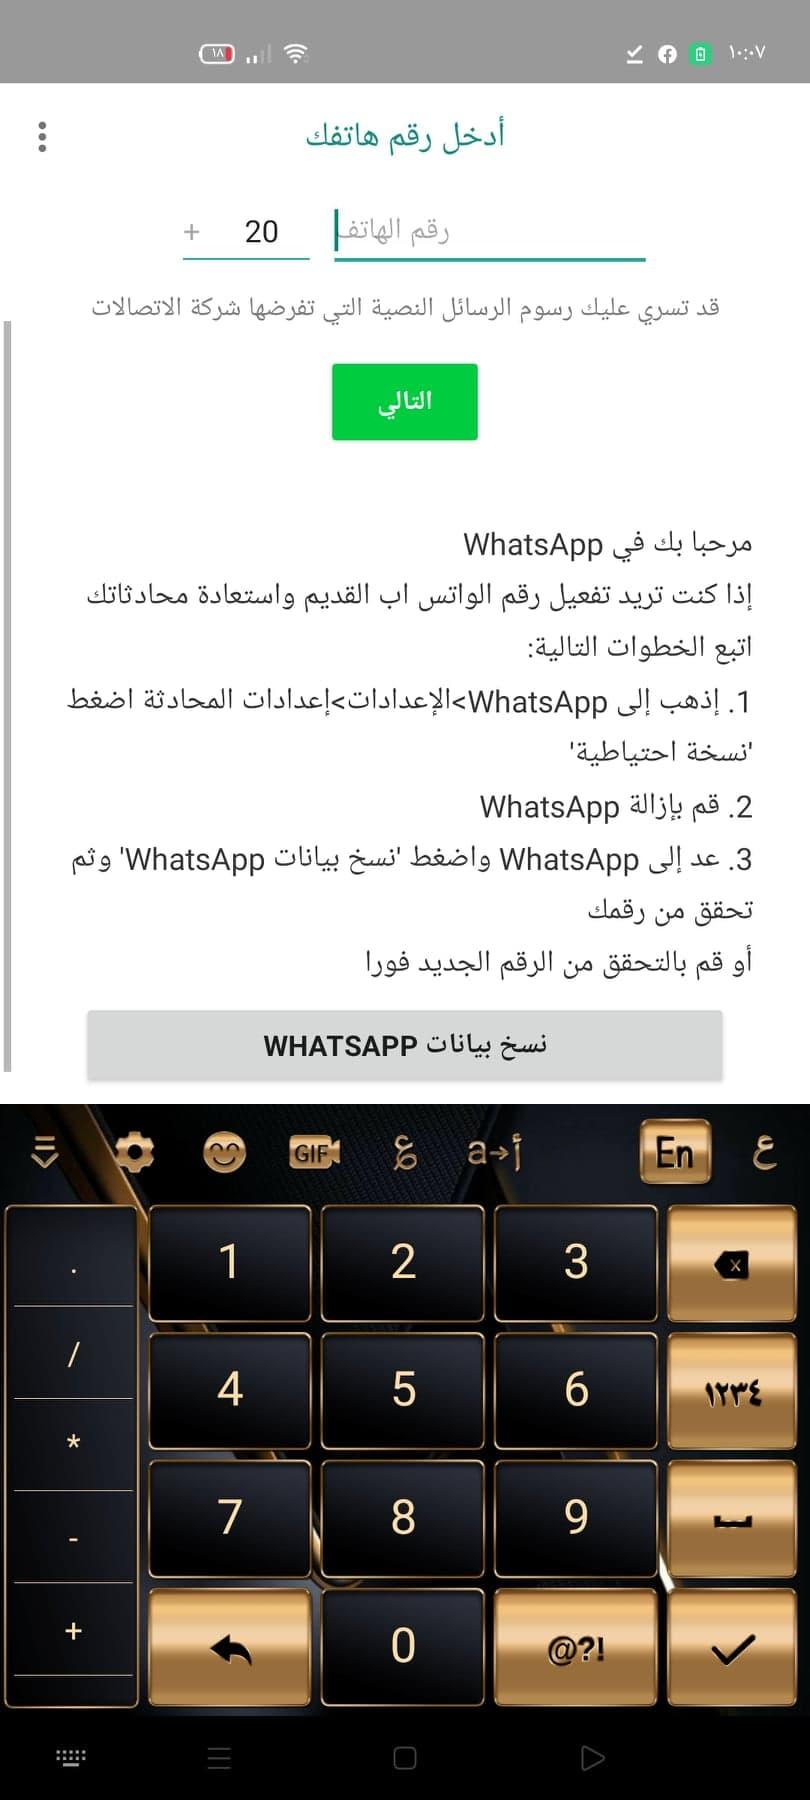 تشغيل جي بي واتساب2 تنزيل جي بي واتساب Gbwhatsapp اخر اصدار للاندرويد